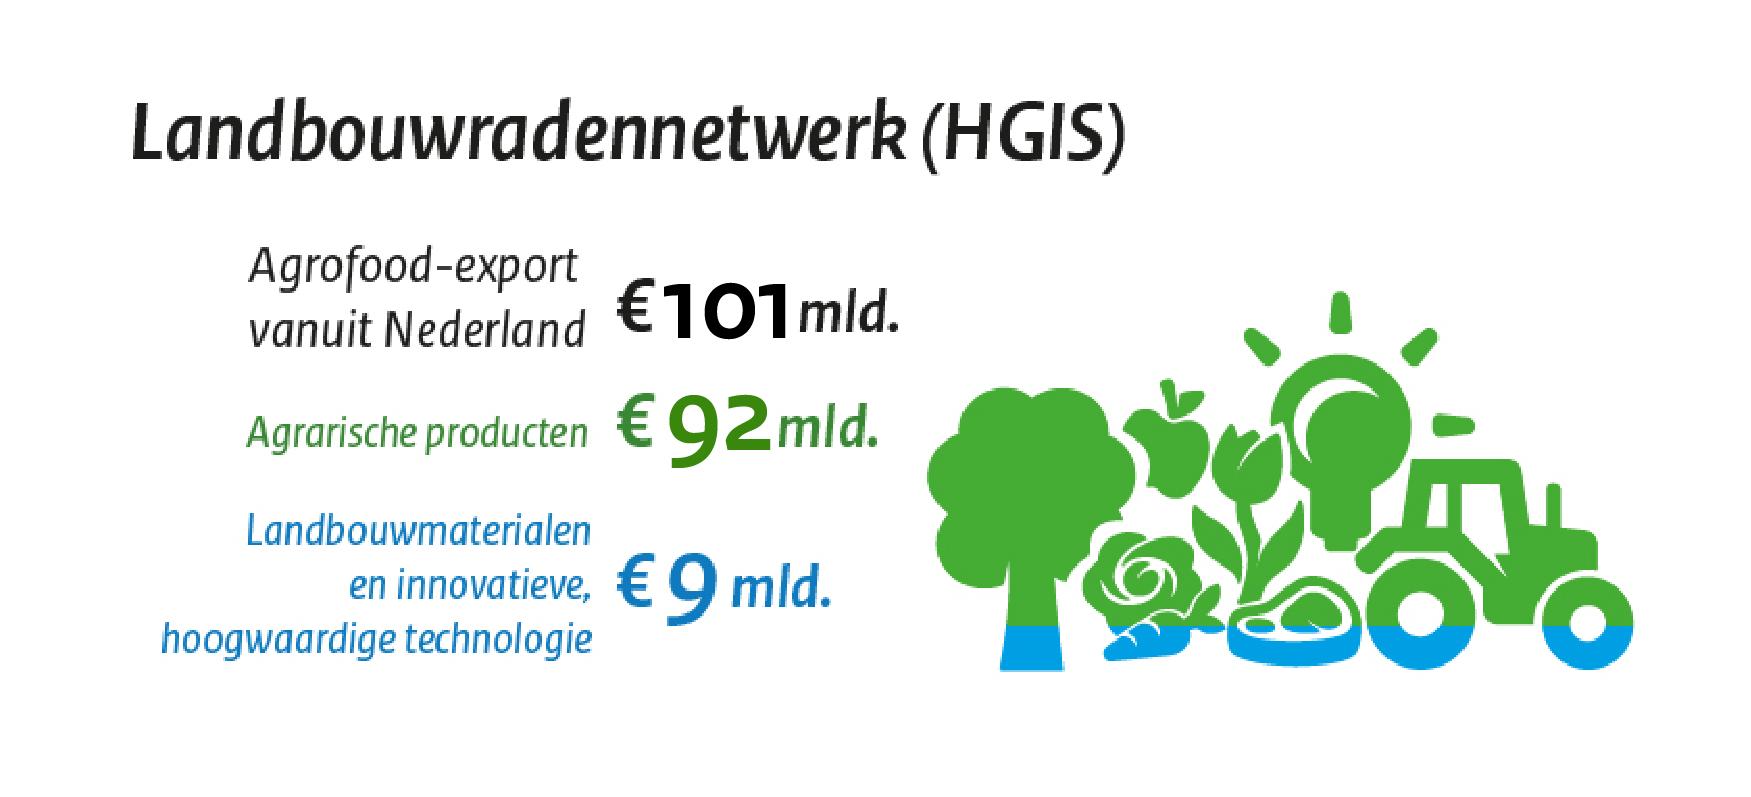 Infographic Landbouwradennetwerk (HGIS) Agrofood-export vanuit Nederland €101 mld., agrarische producten €92 mld., Landbouwmaterialen en innovatieve, hoogwaardige technologie €9 mld.